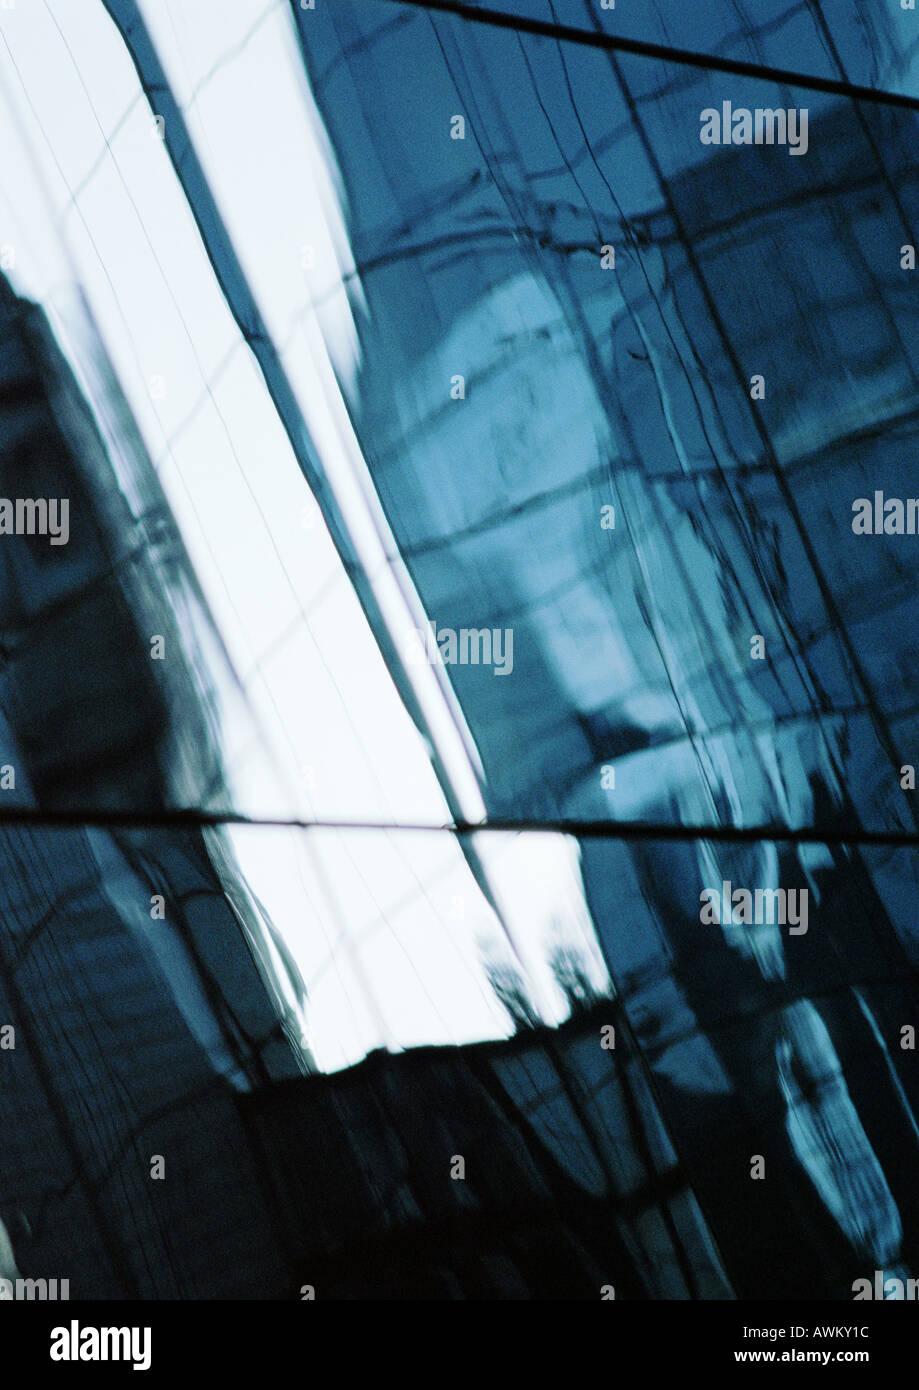 Paneles de ventana, close-up Imagen De Stock